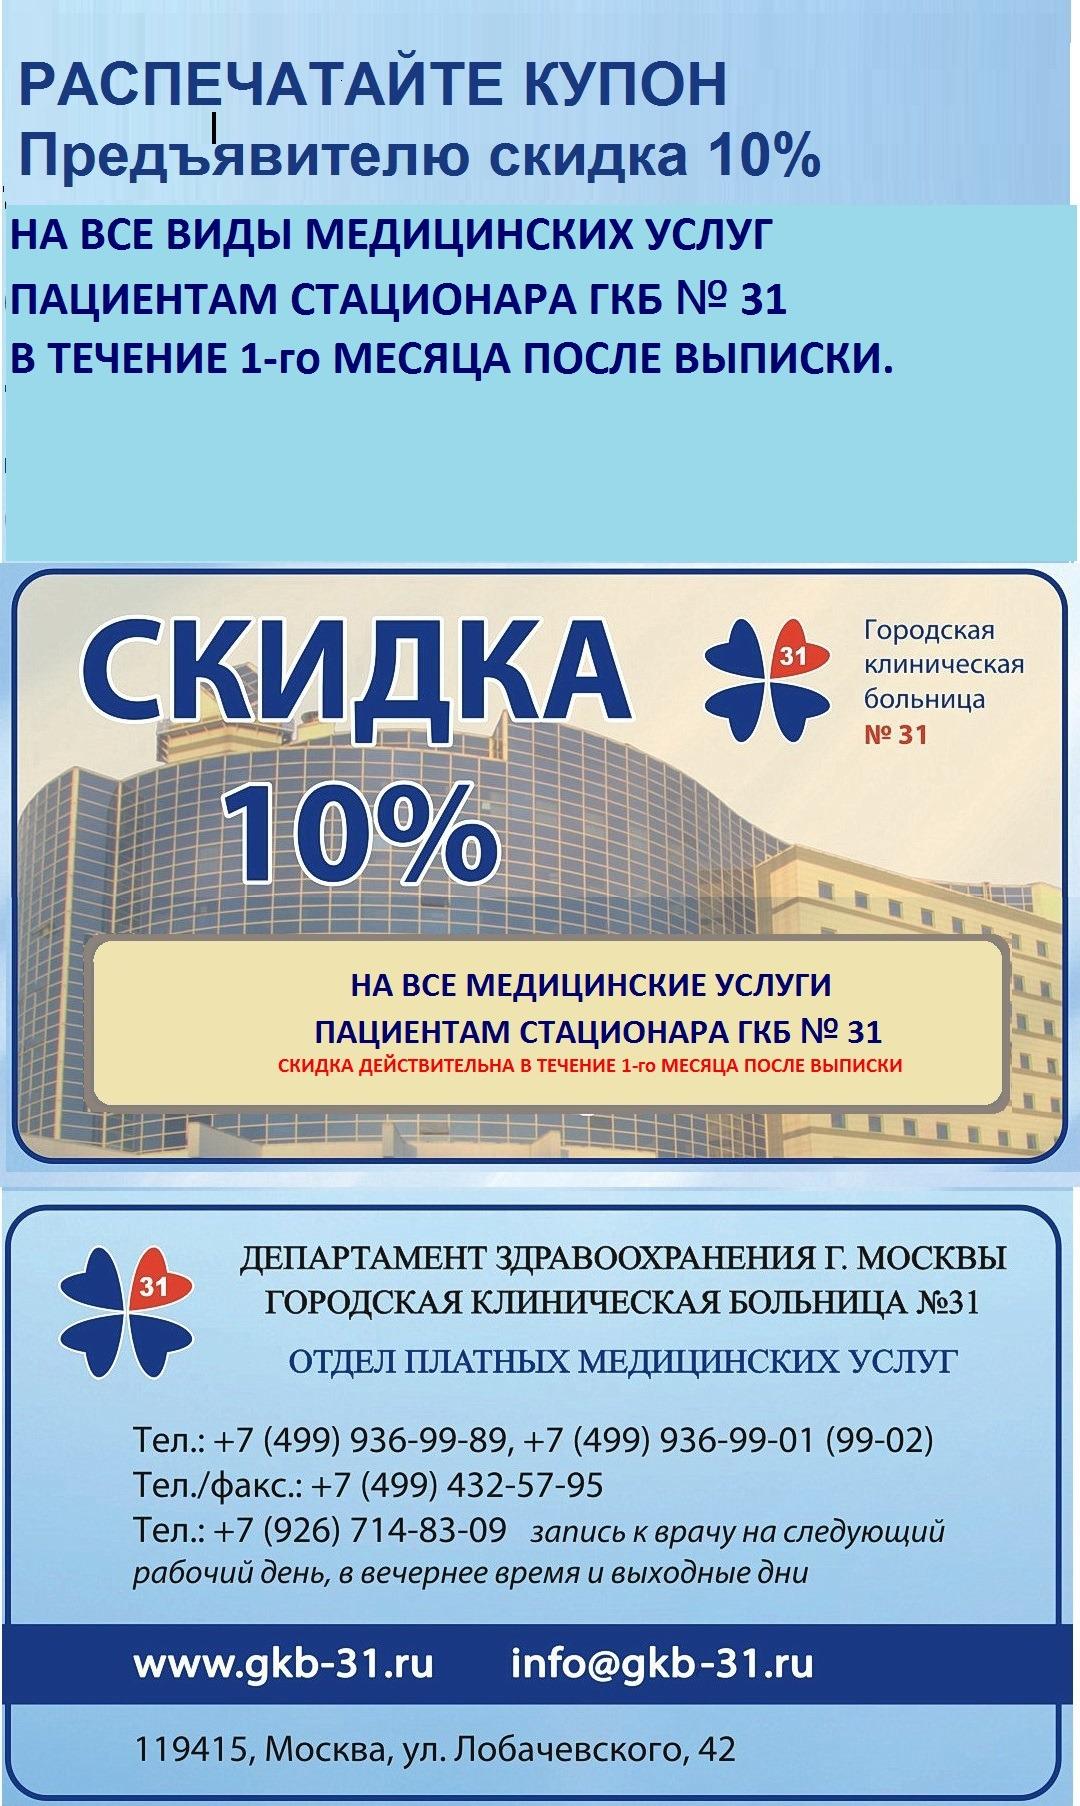 Александровск пермский край поликлиника регистратура